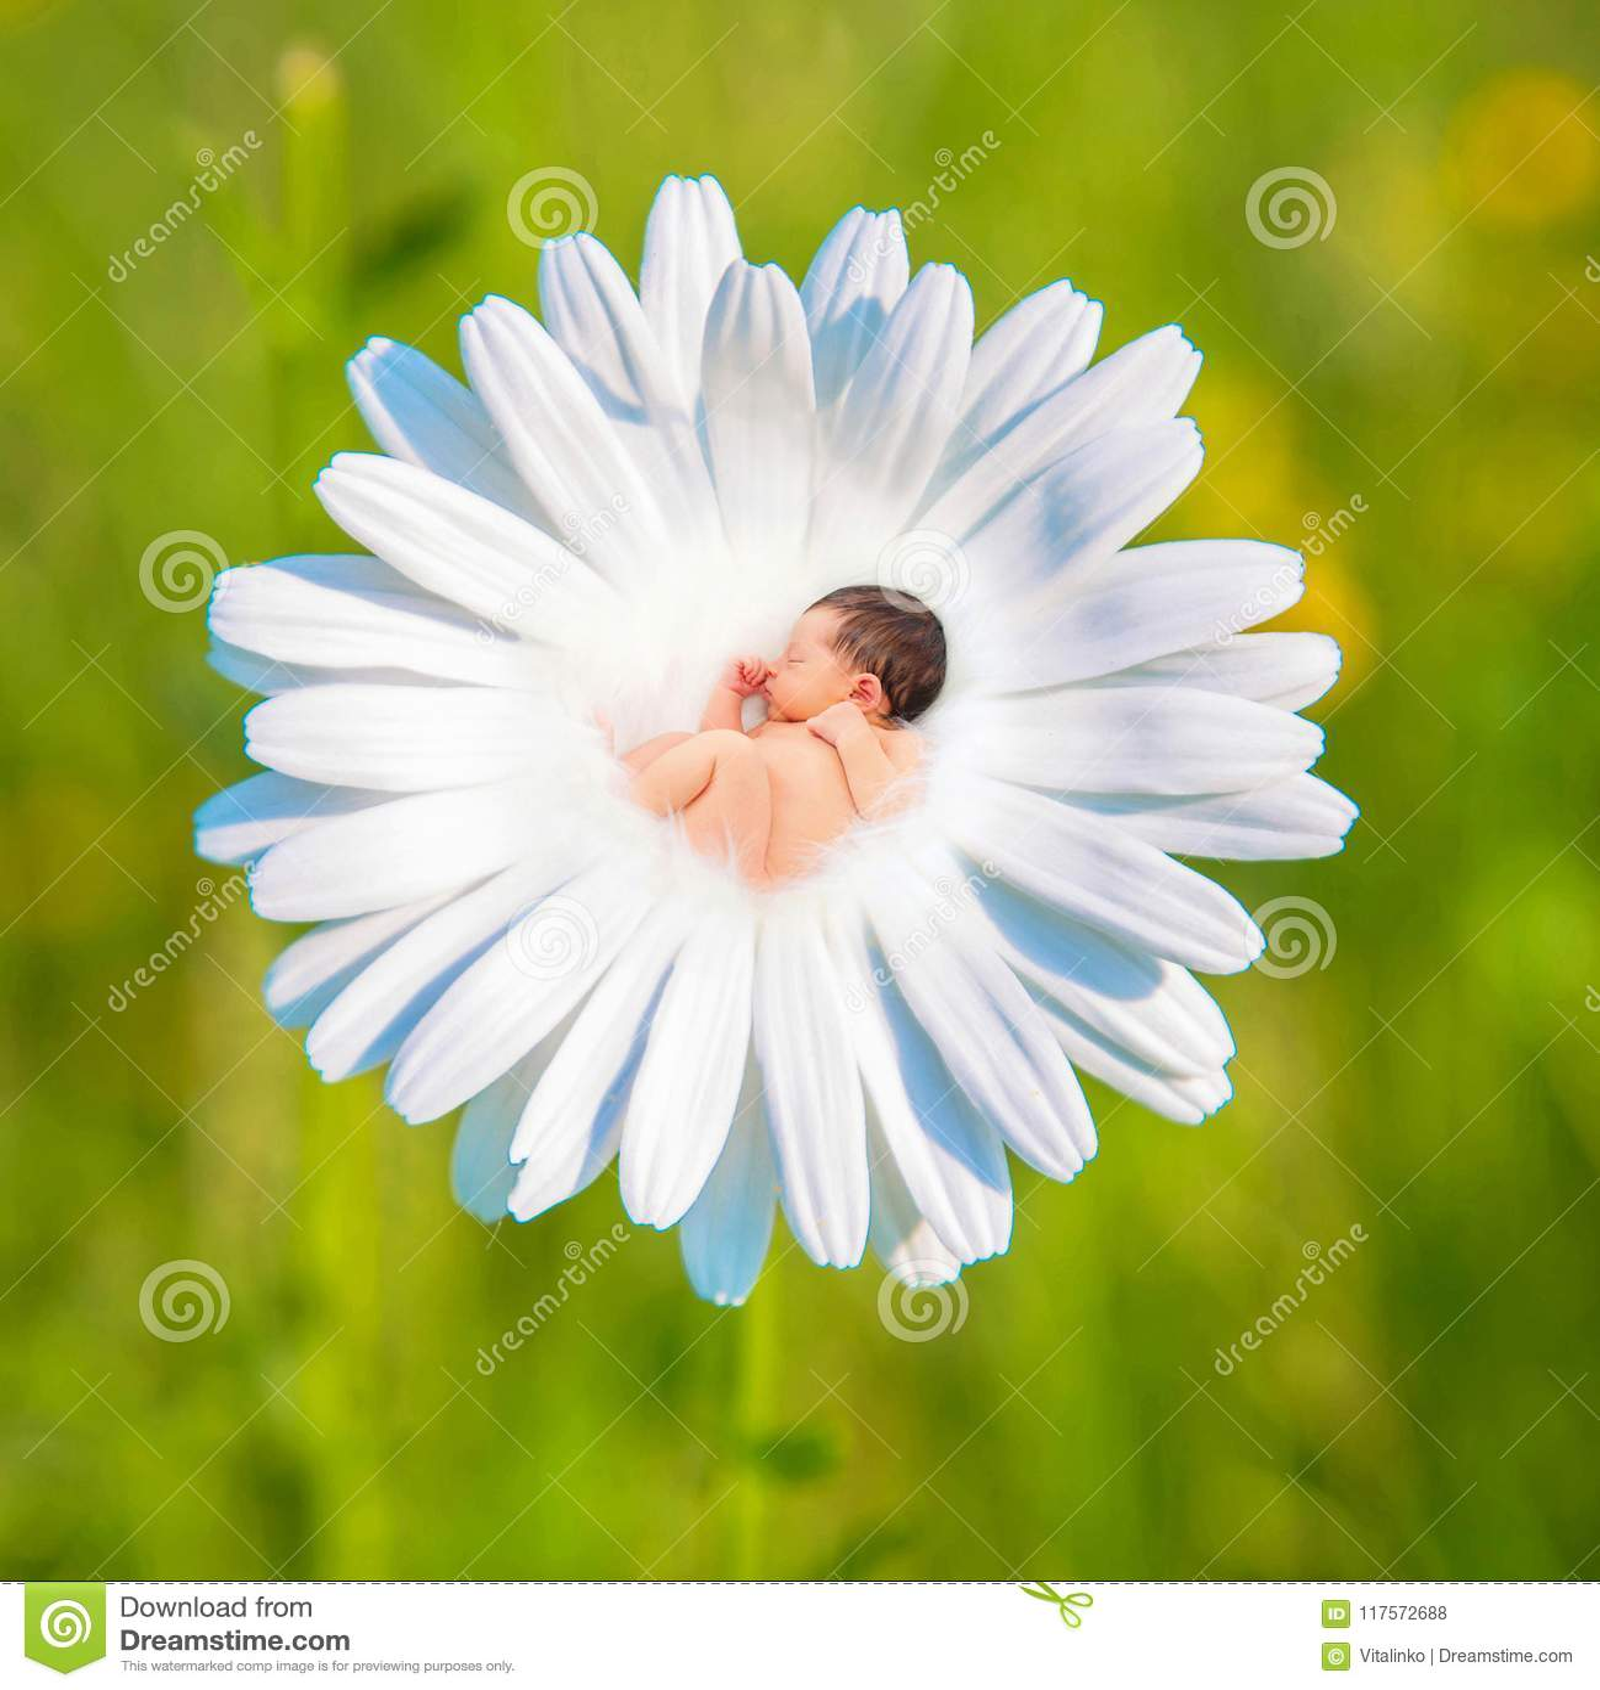 Newborn baby sleeps in white daisy flower stock photo image of download newborn baby sleeps in white daisy flower stock photo image of birth izmirmasajfo